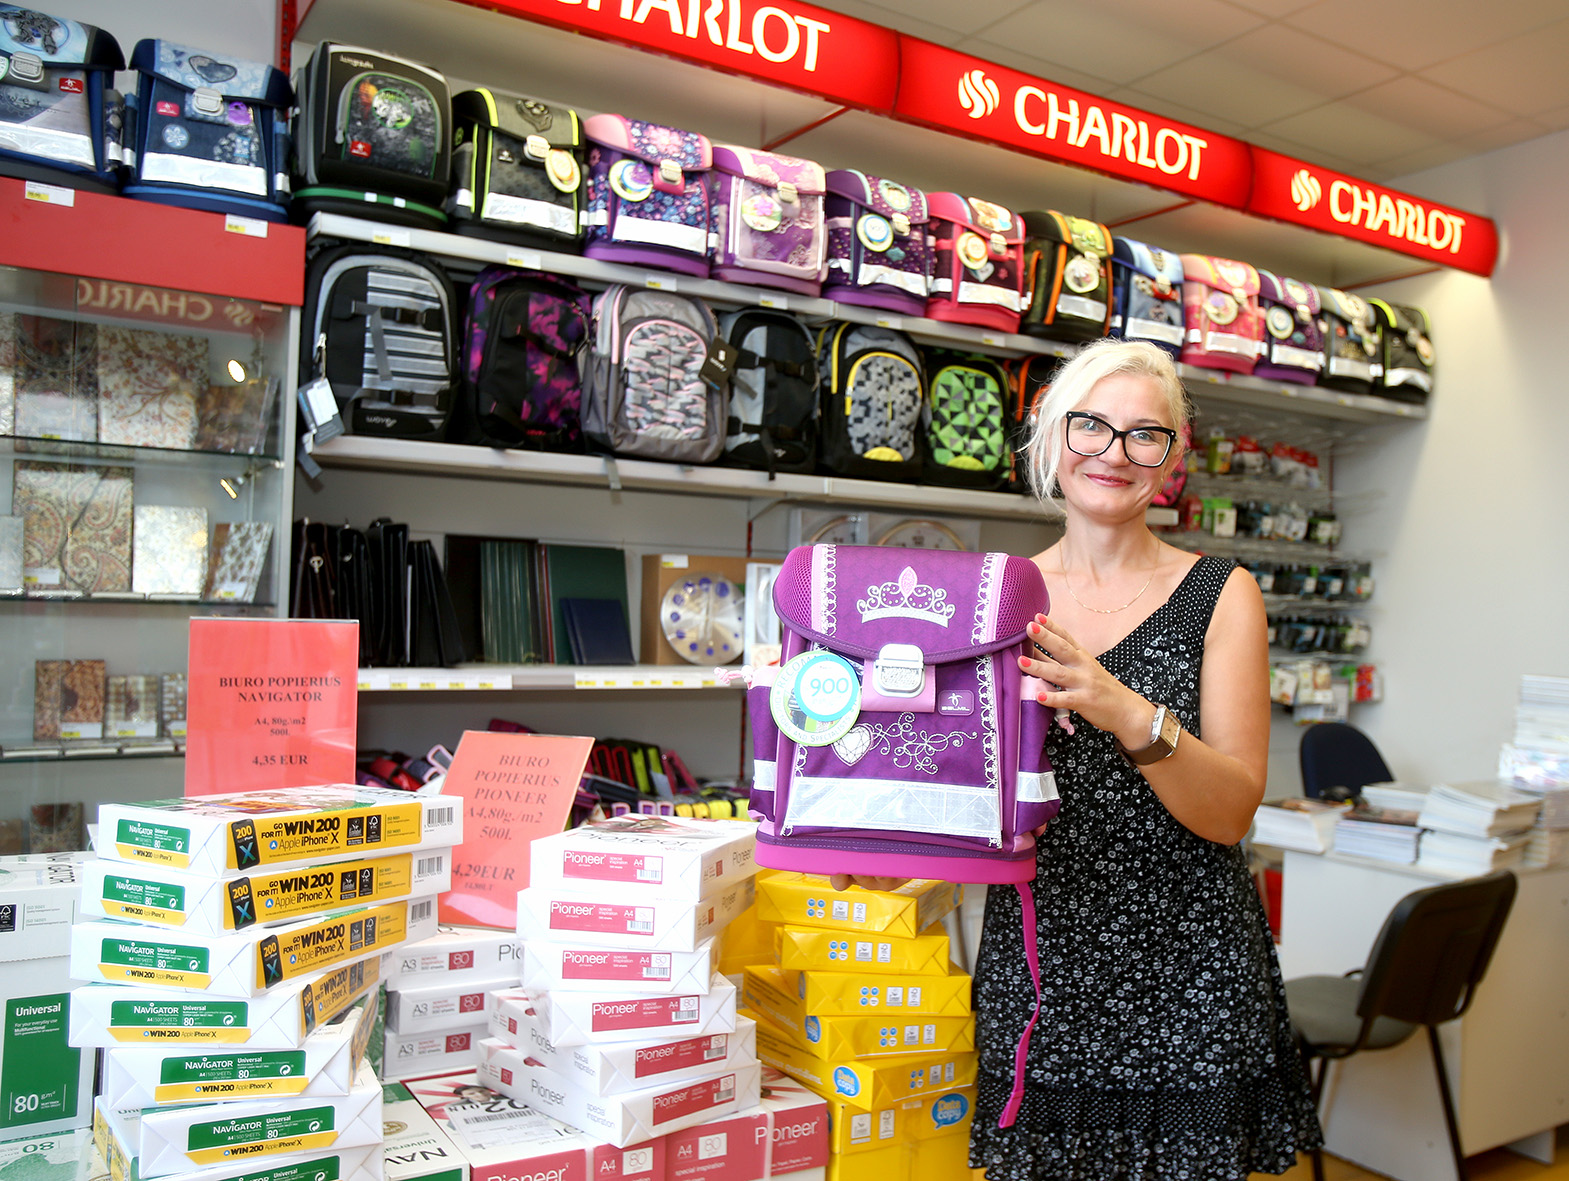 """Kanceliarinių prekių parduotuvės """"Charlot"""" salės vadybininkės Loretos Svolkinienės teigimu, pirkėjai daugiau dėmesio skiria kokybiškesnėms prekėms. Algimanto Barzdžiaus nuotr."""